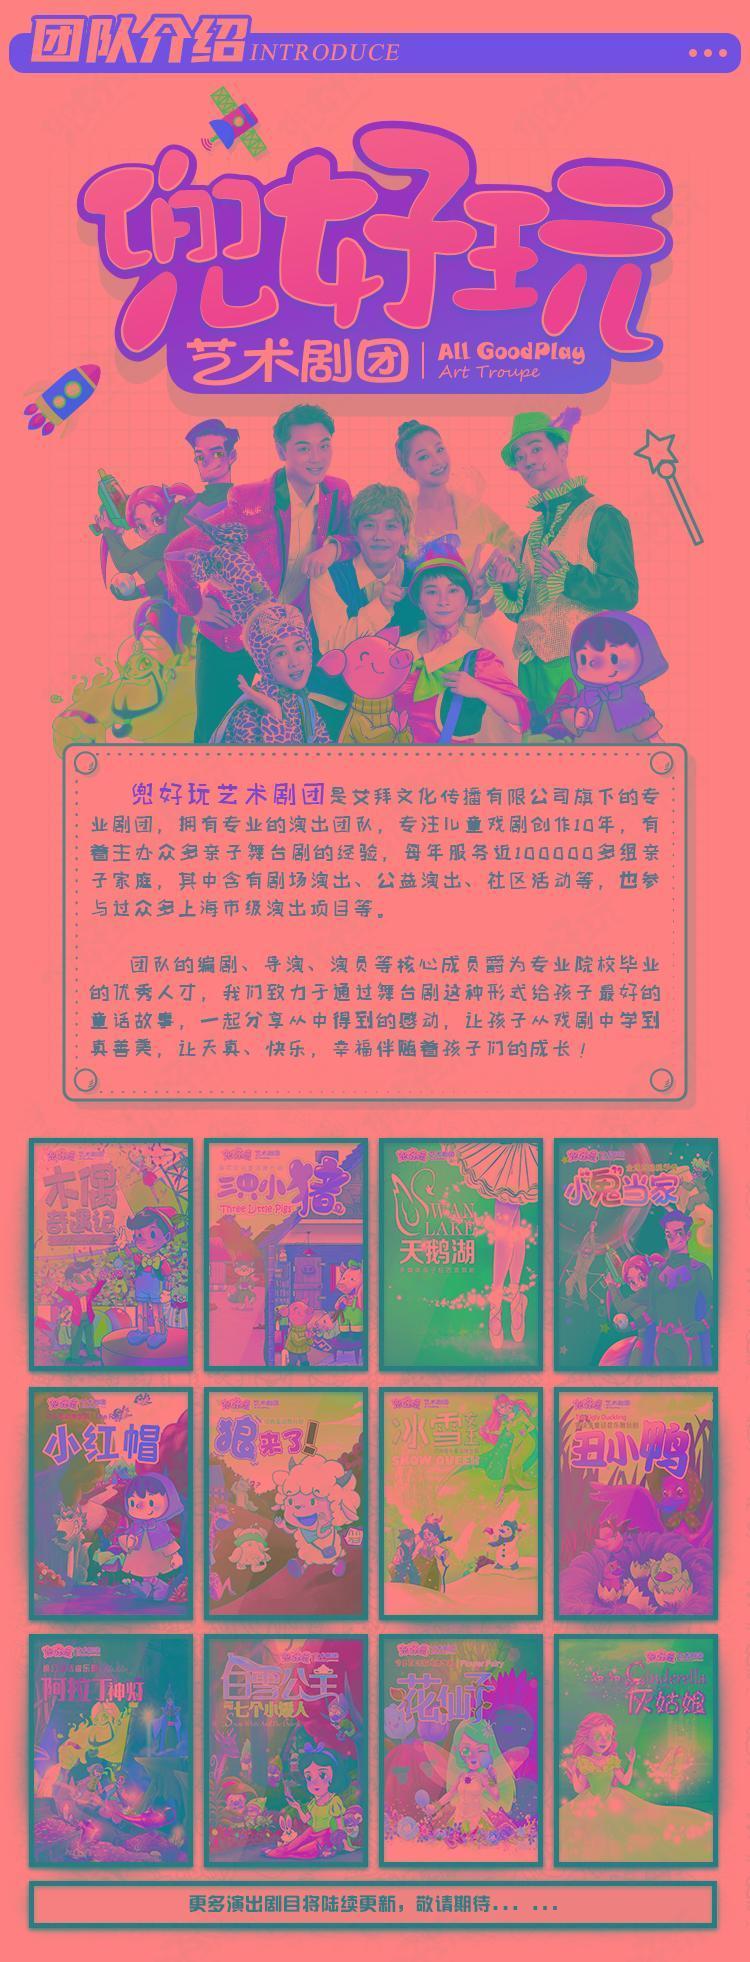 11-团队介绍_01.jpg